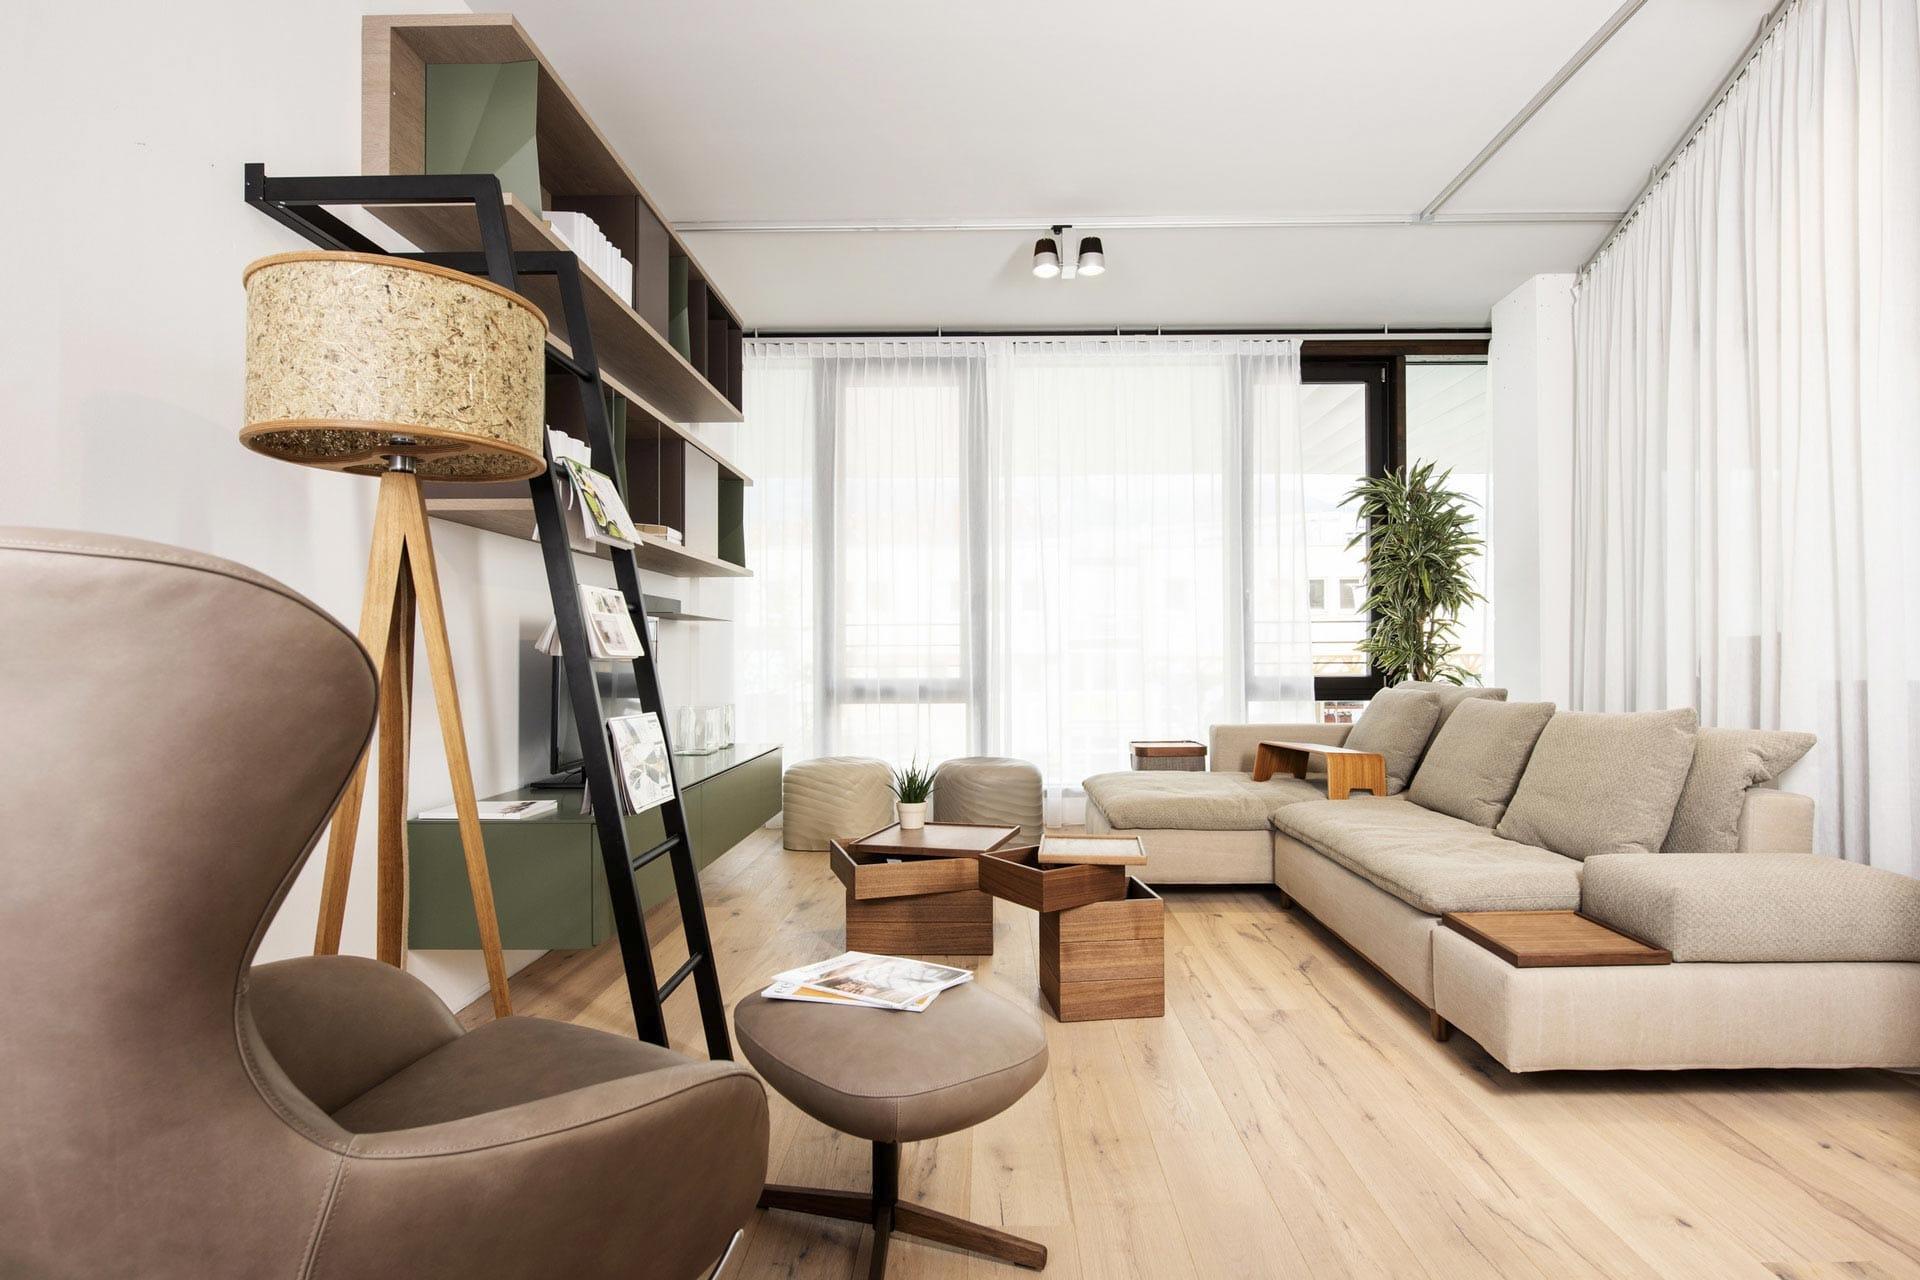 couchzone - Interior Design Innsbruck - Wohnlandschaft